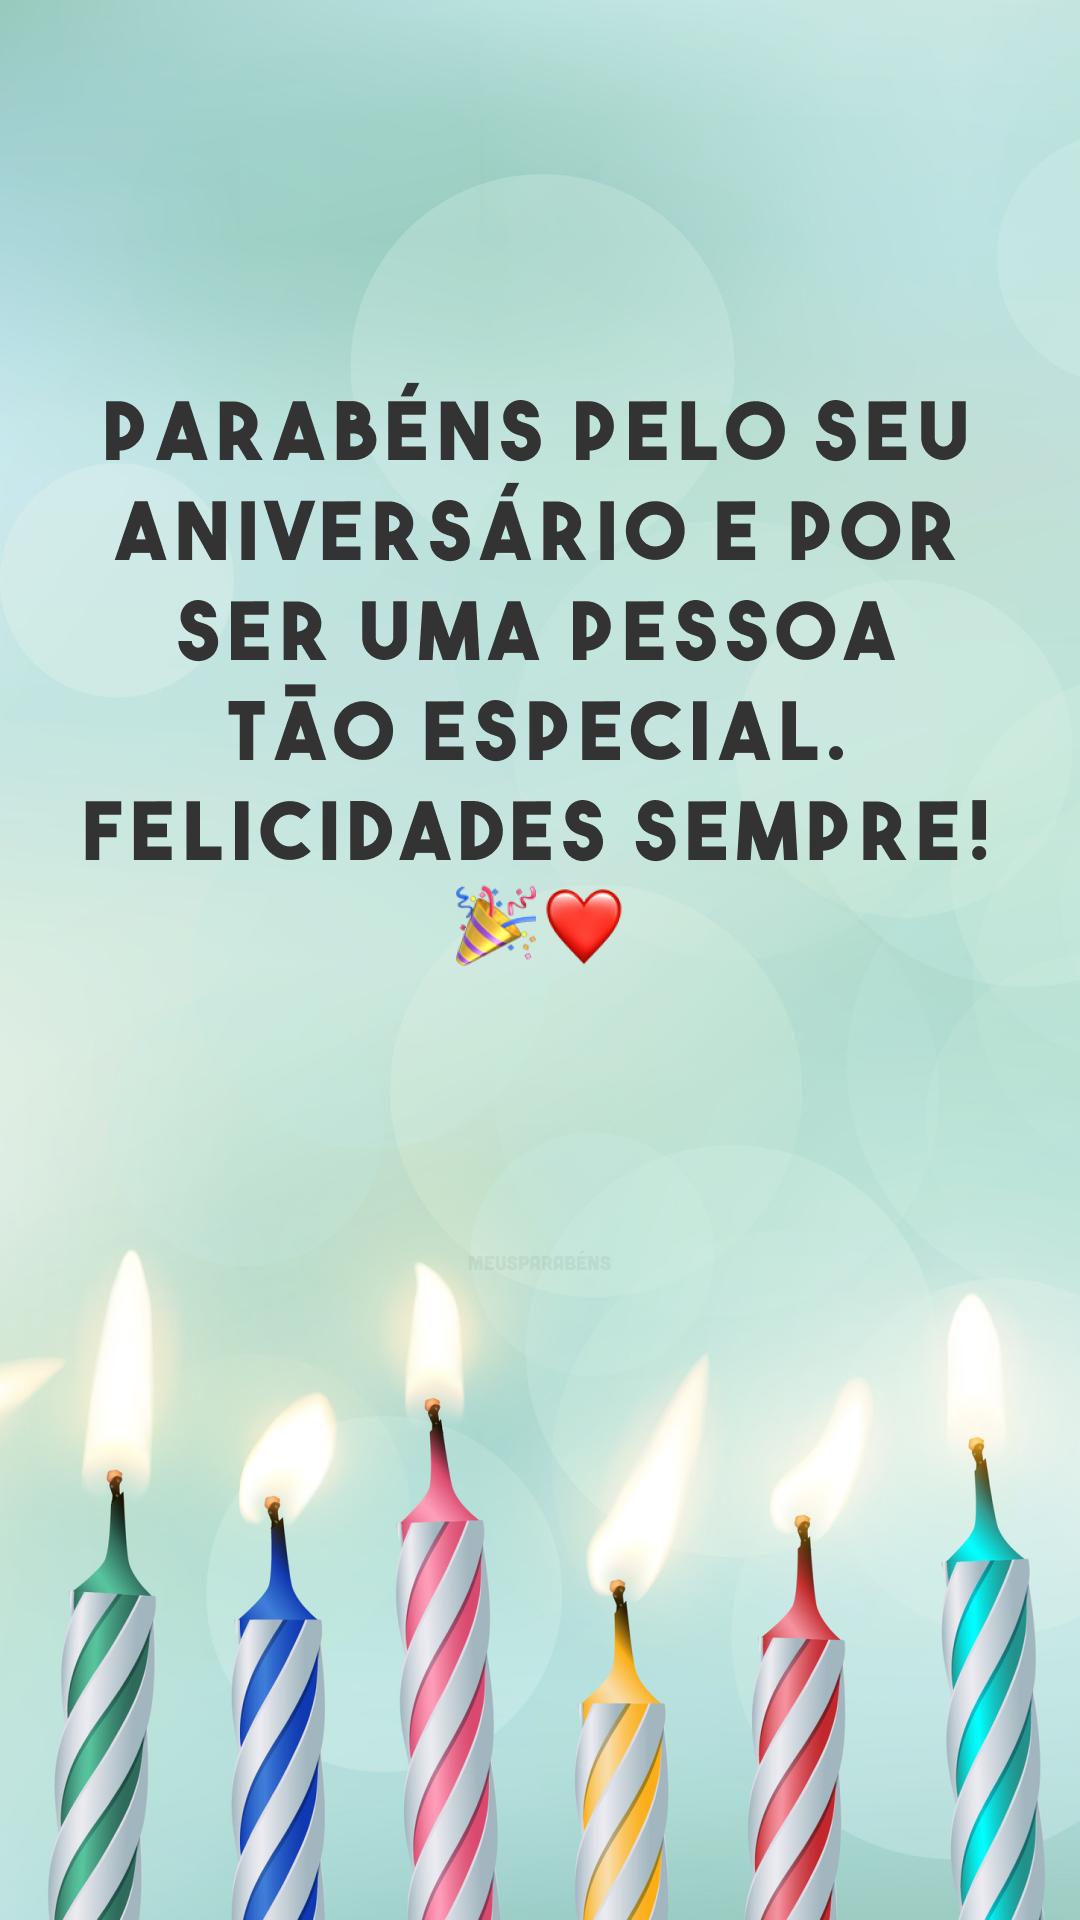 Parabéns pelo seu aniversário e por ser uma pessoa tão especial. Felicidades sempre! 🎉❤